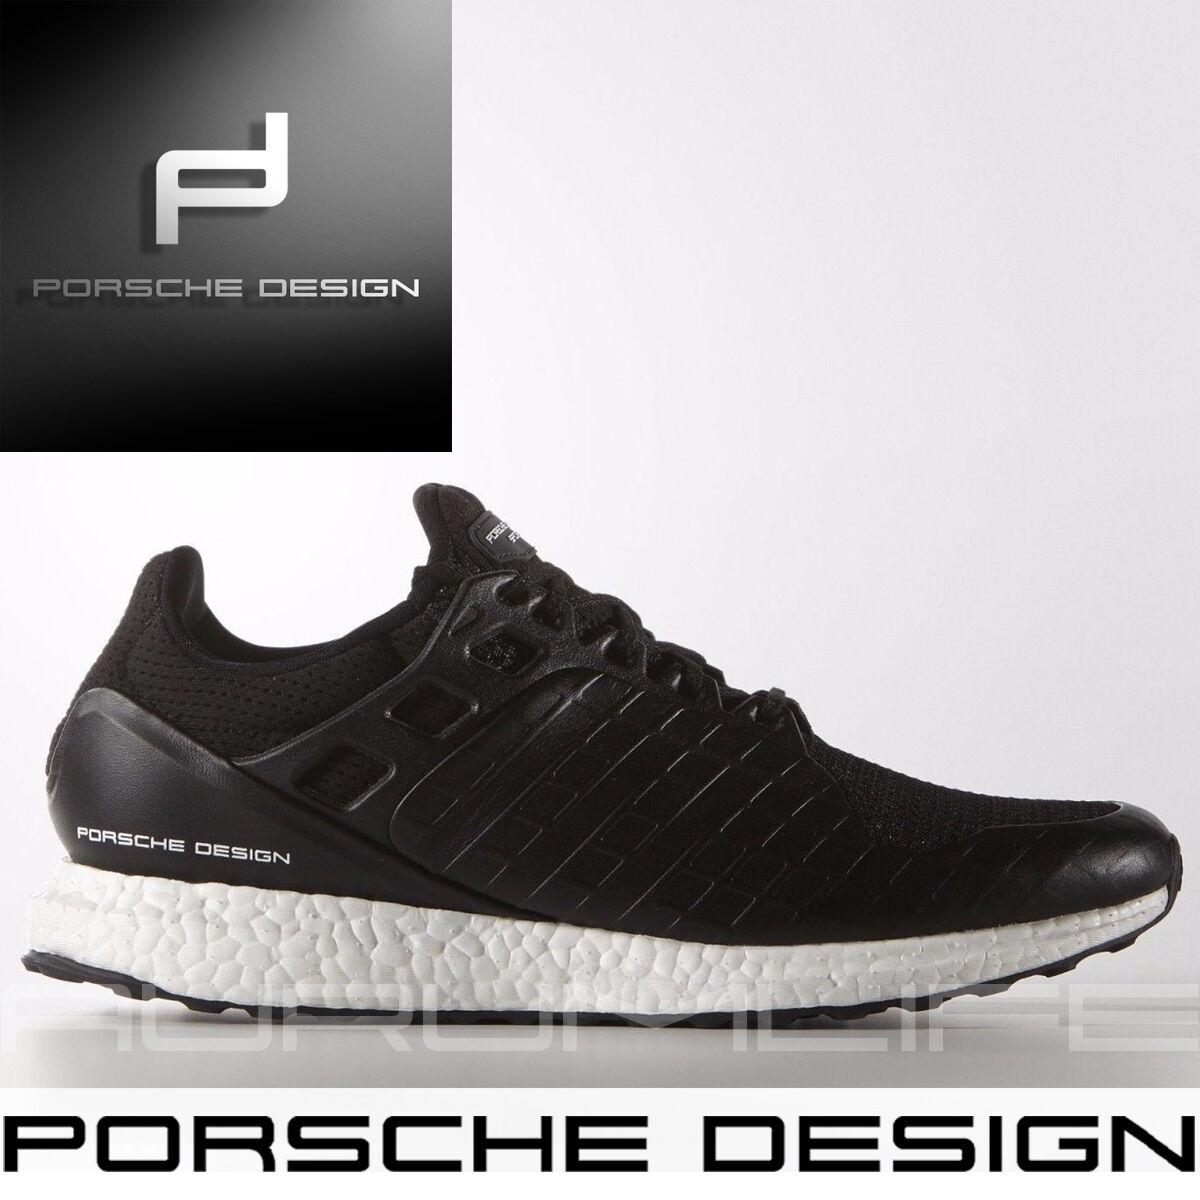 Adidas Porsche Design Ultra Boost rebote Primeknit Hombre Zapatos AF5590 Nuevo